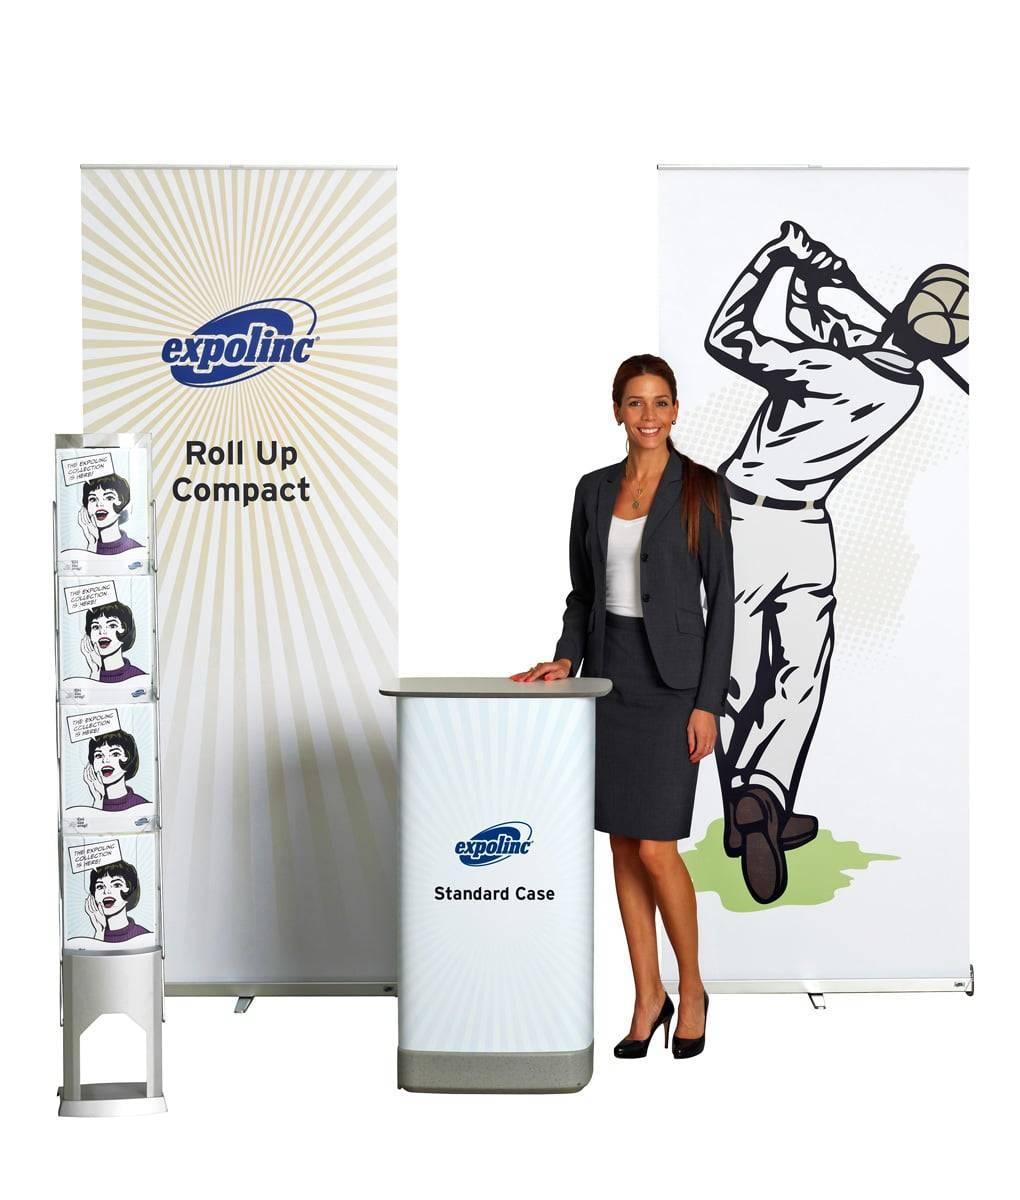 Roll up Compact, Standard Case & BrochureStand